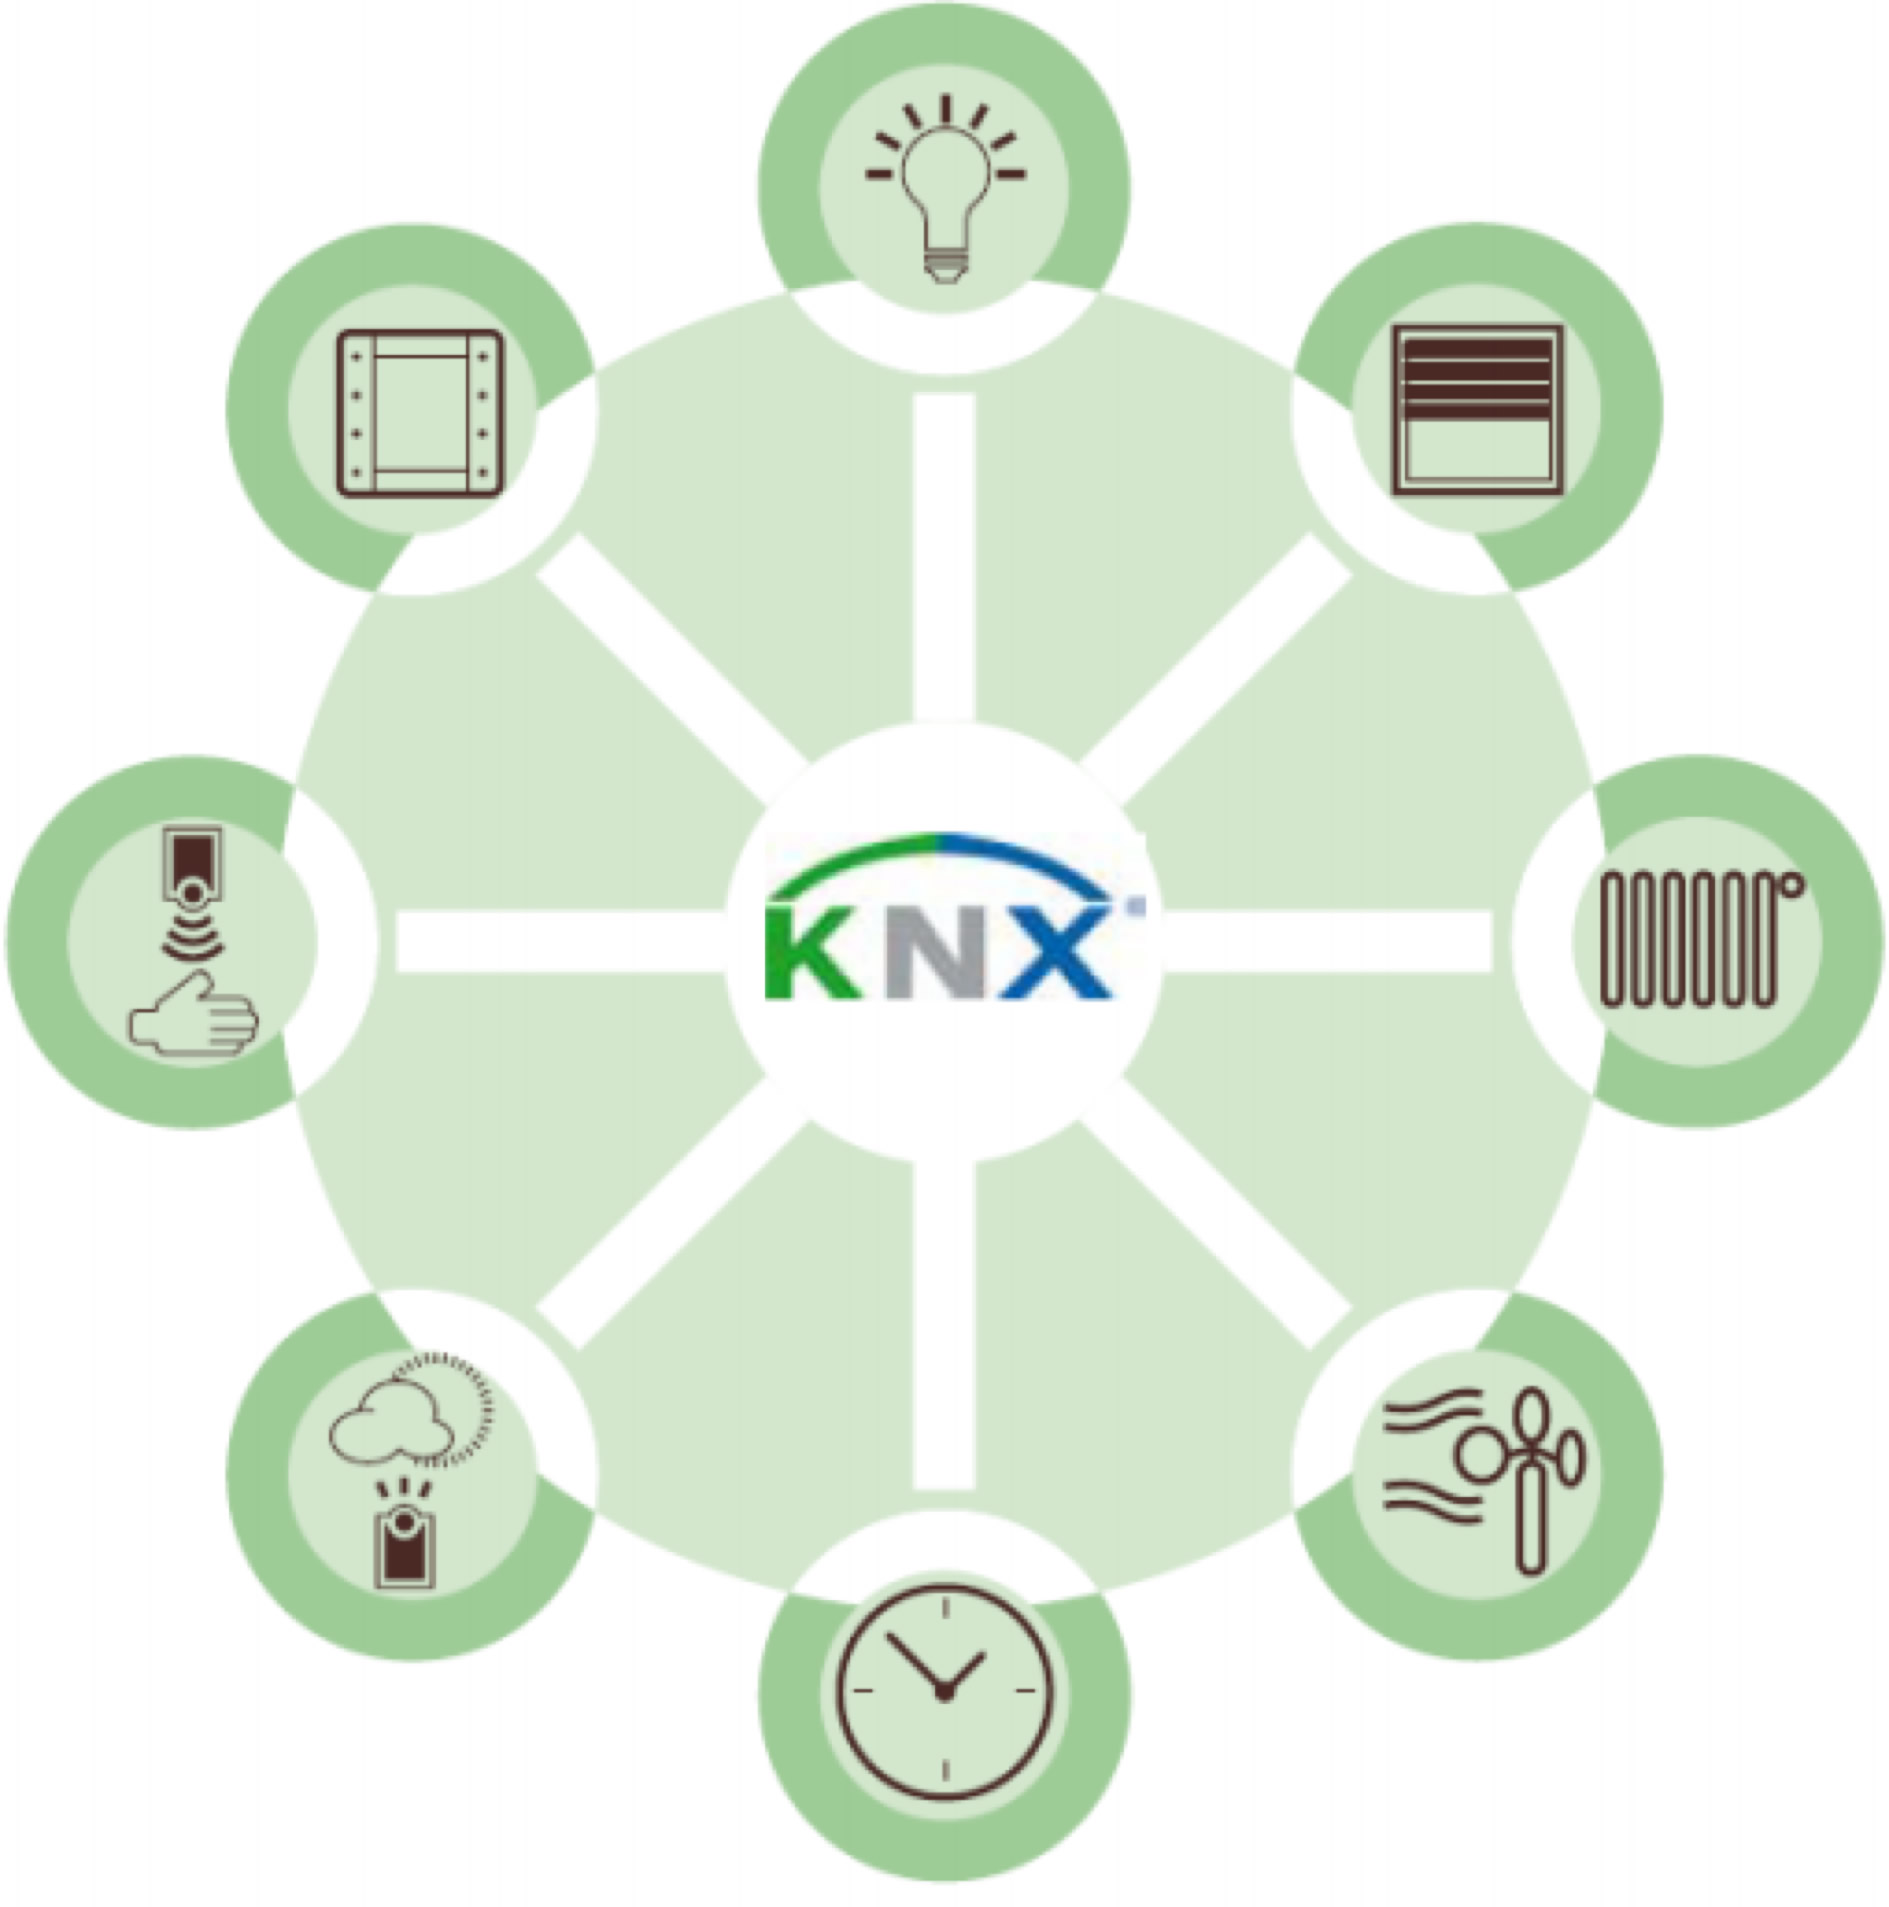 eae-knx-sistemleri